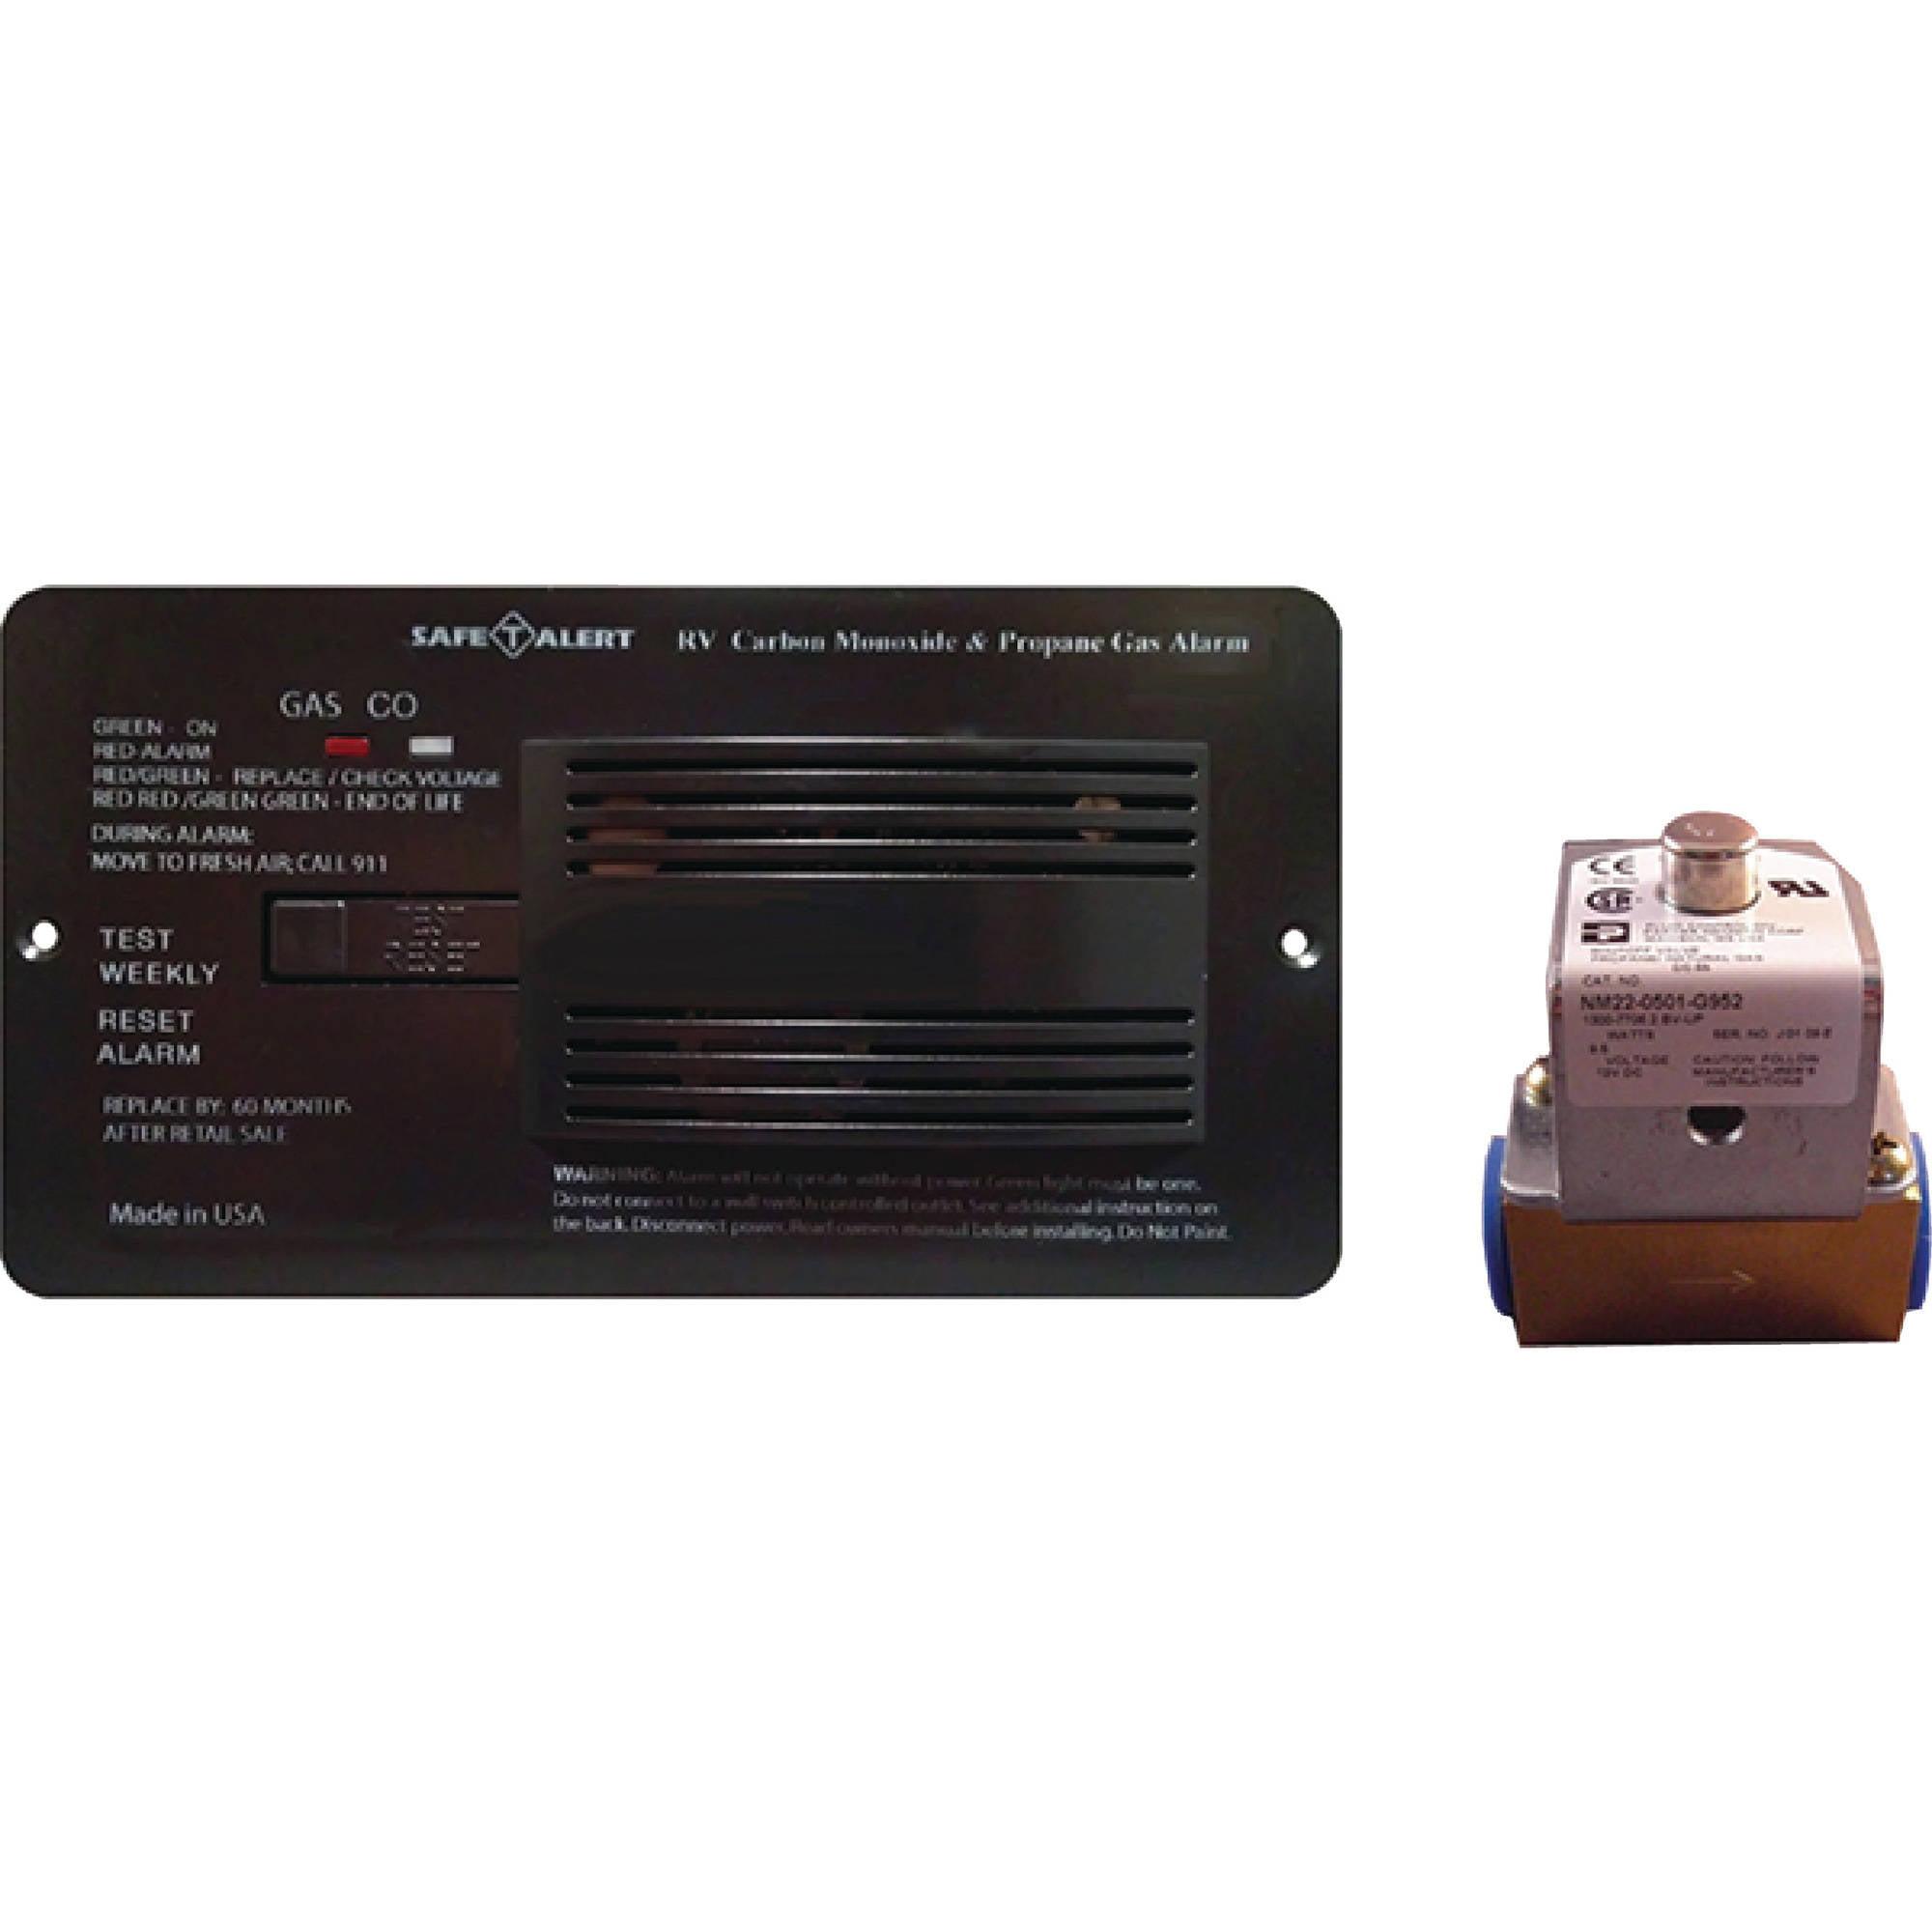 MTI Industries 12V 70 Series Safe-T-Alert Dual Propane/LP & Carbon Monoxide Alarm with Valve Control Kit